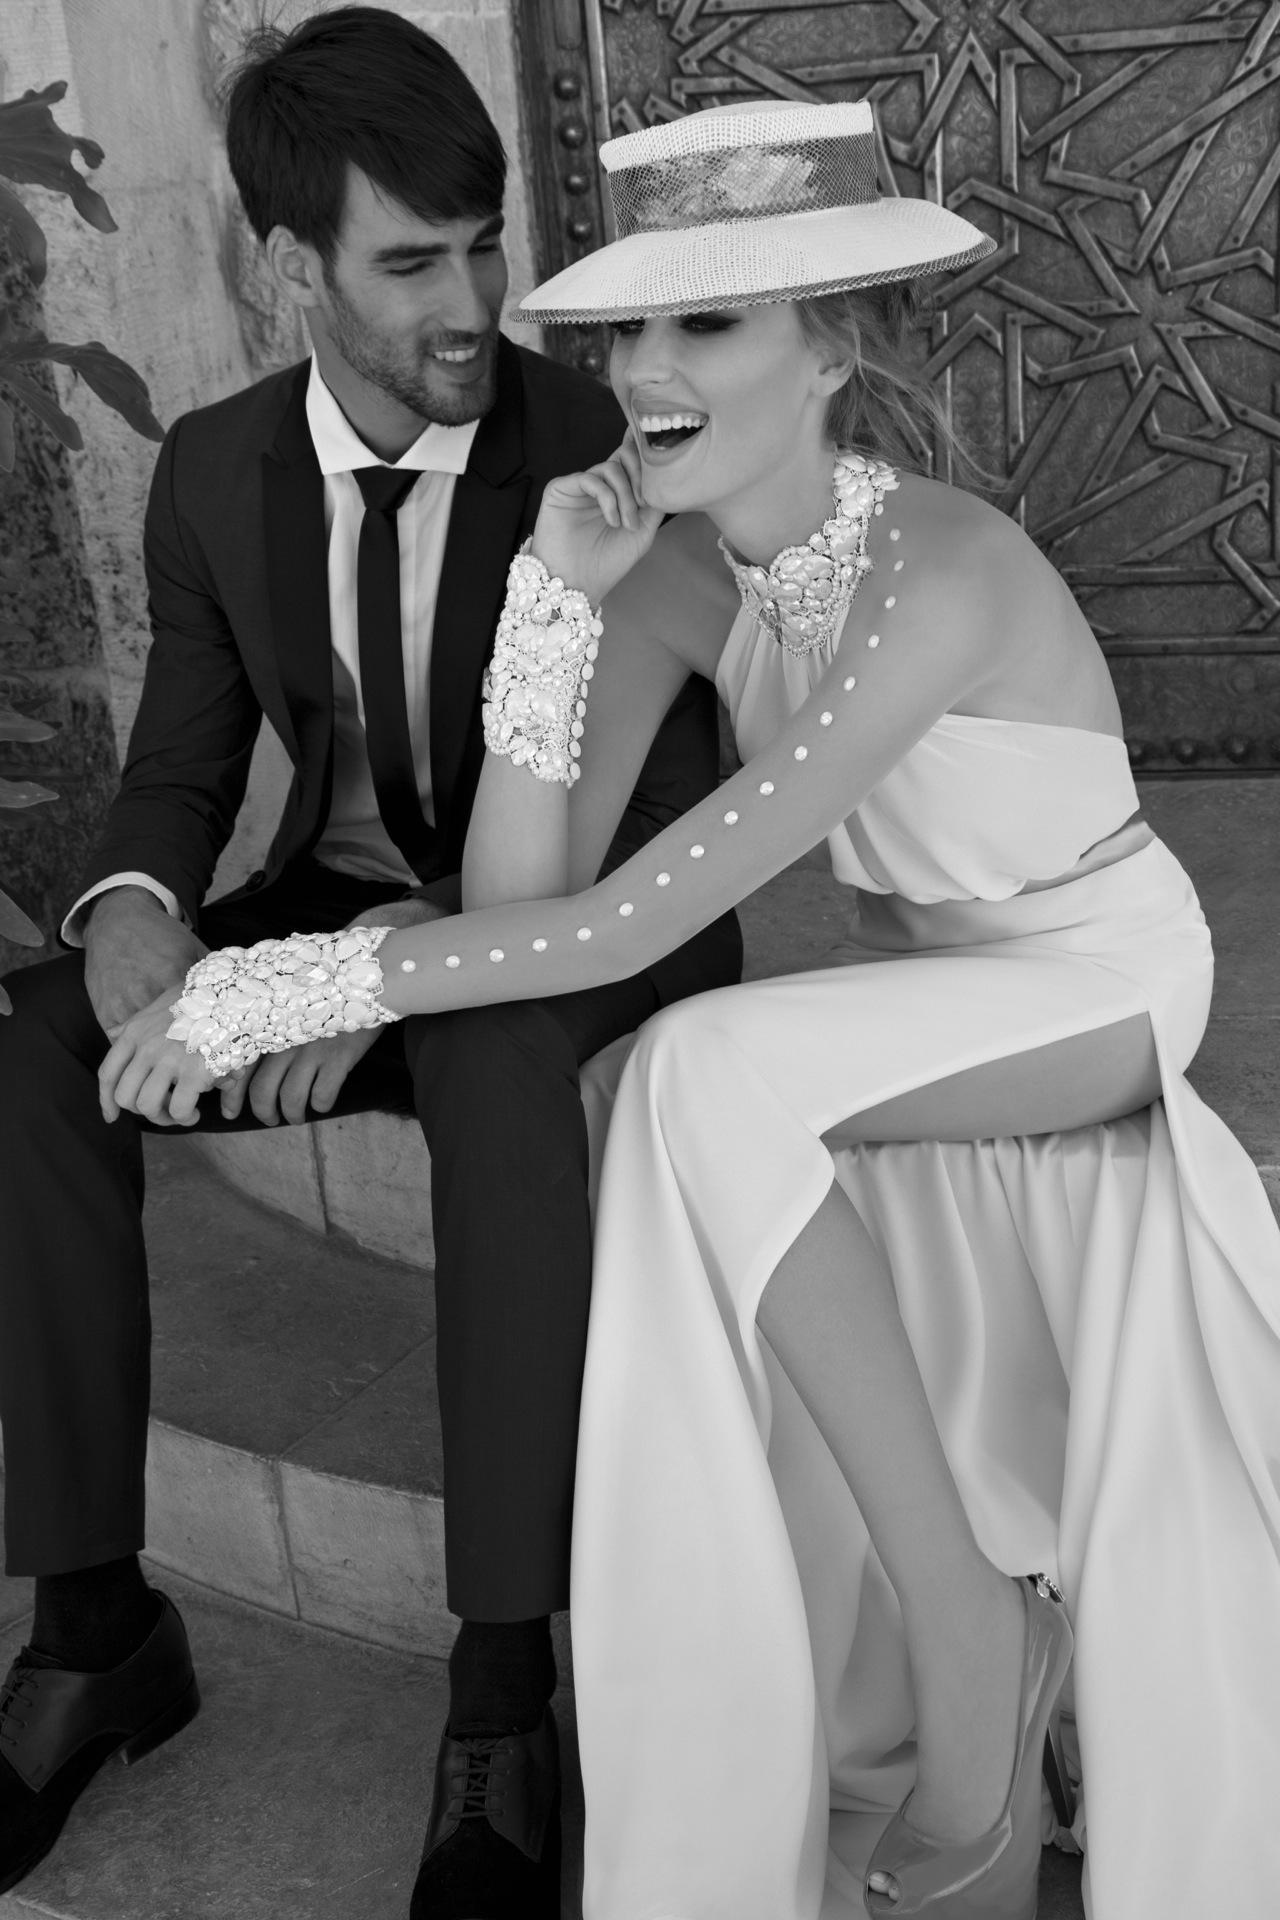 Galia Lahav Spring 2015: para novias sofisticadas /  FOR SOPHISTICATED BRIDES